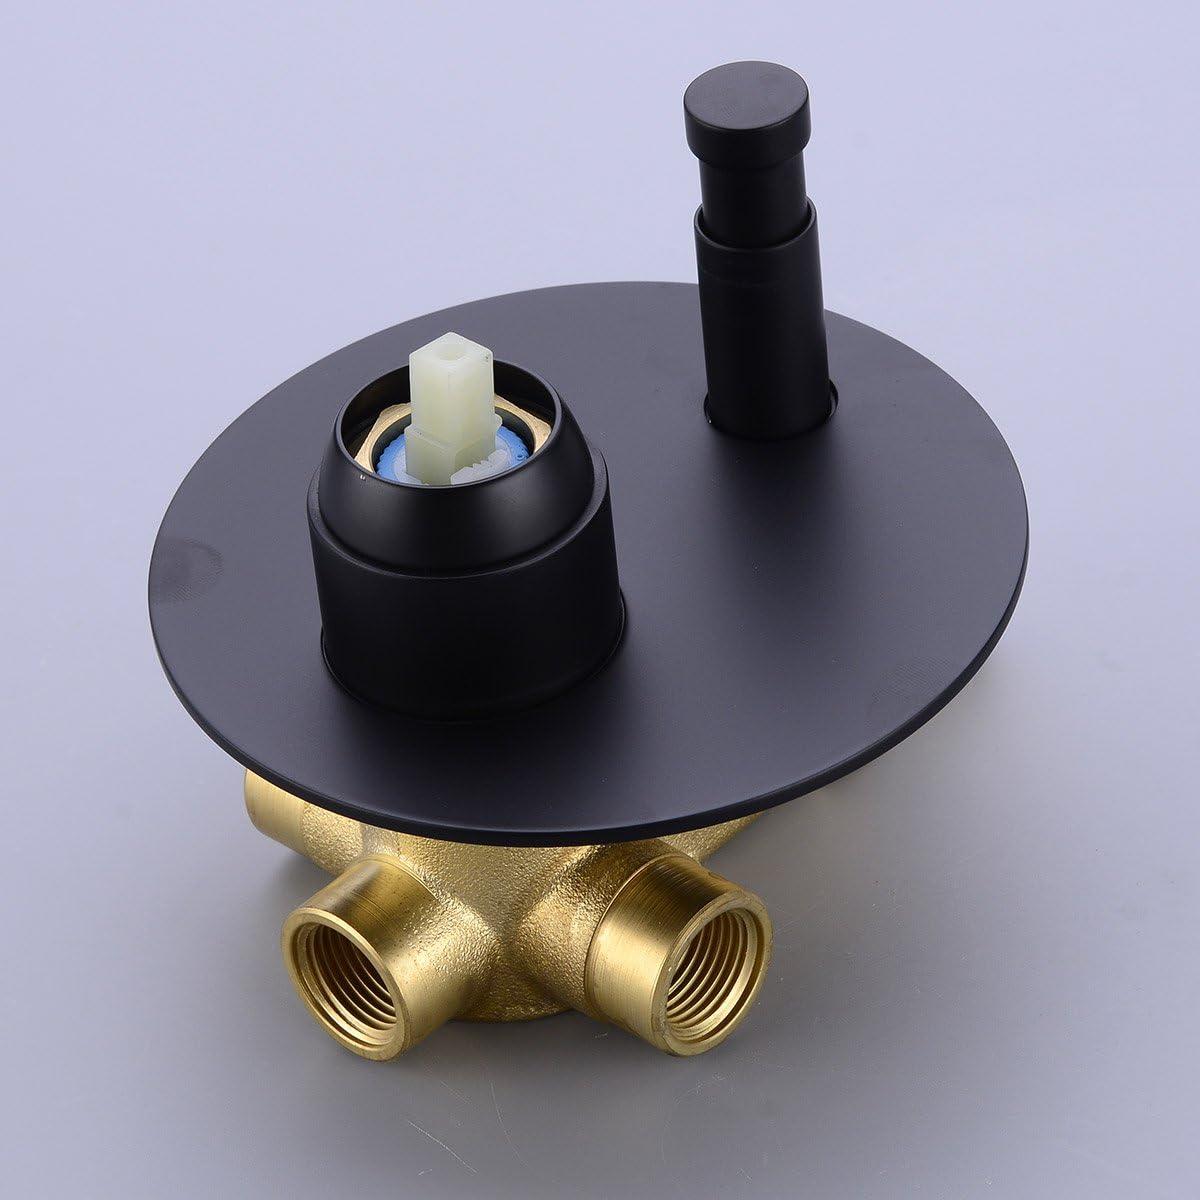 matt schwarz mit verdeckter 2-Wege-Mischbatterie 20,3/cm TRUSTMI Badezimmer rundes Duscharmatur aus Messing